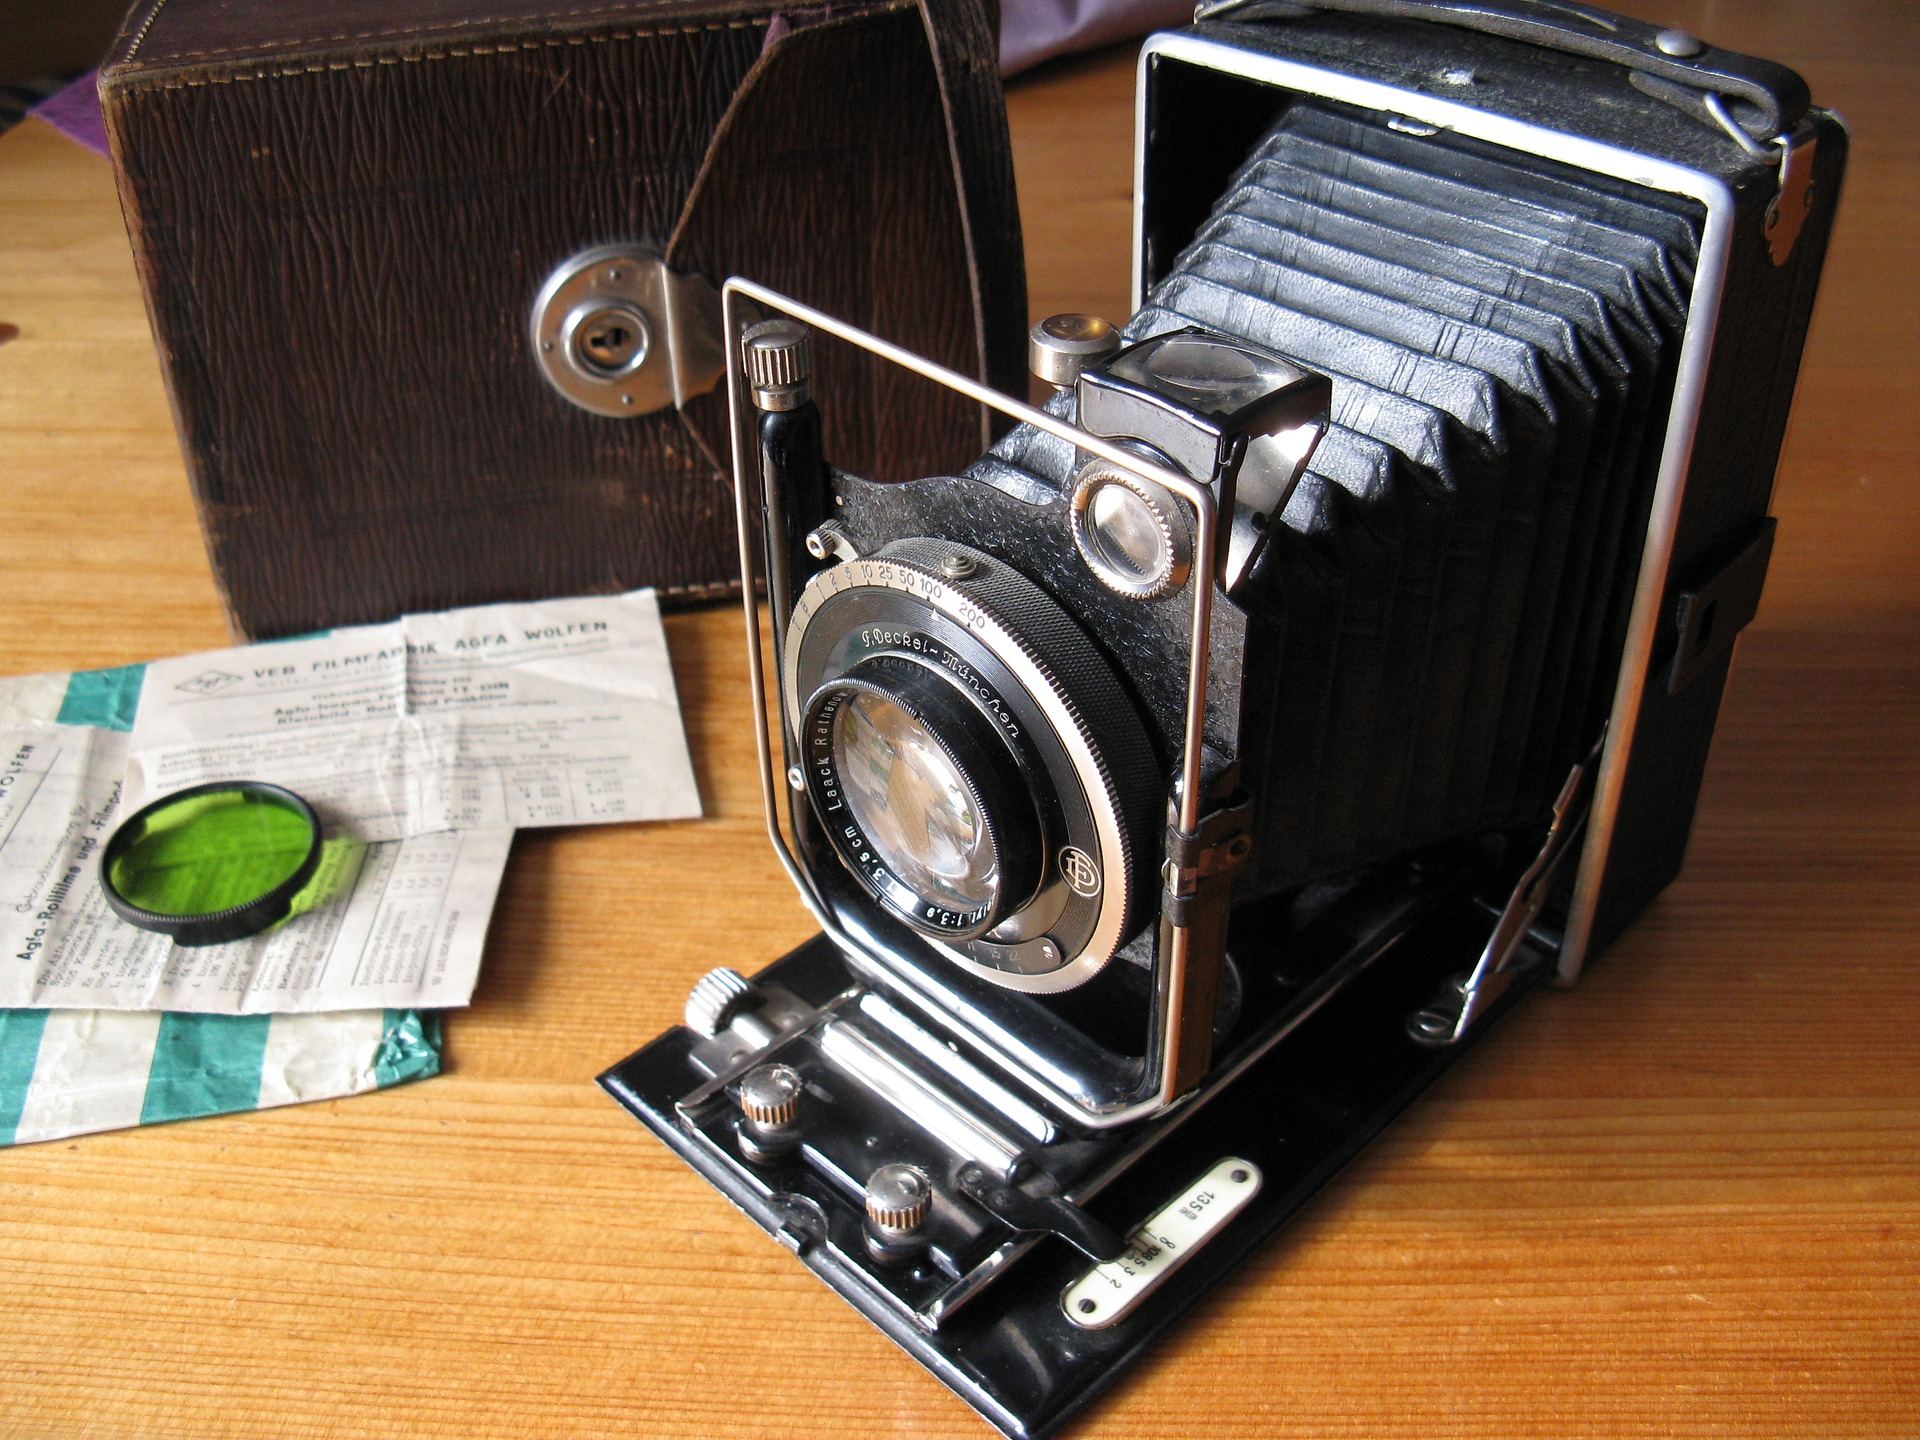 कैमरा, विंटेज, पुराने, फ़ोटो कैमरा, यादें, फोटोग्राफी - HD वॉलपेपर - प्रोफेसर-falken.com